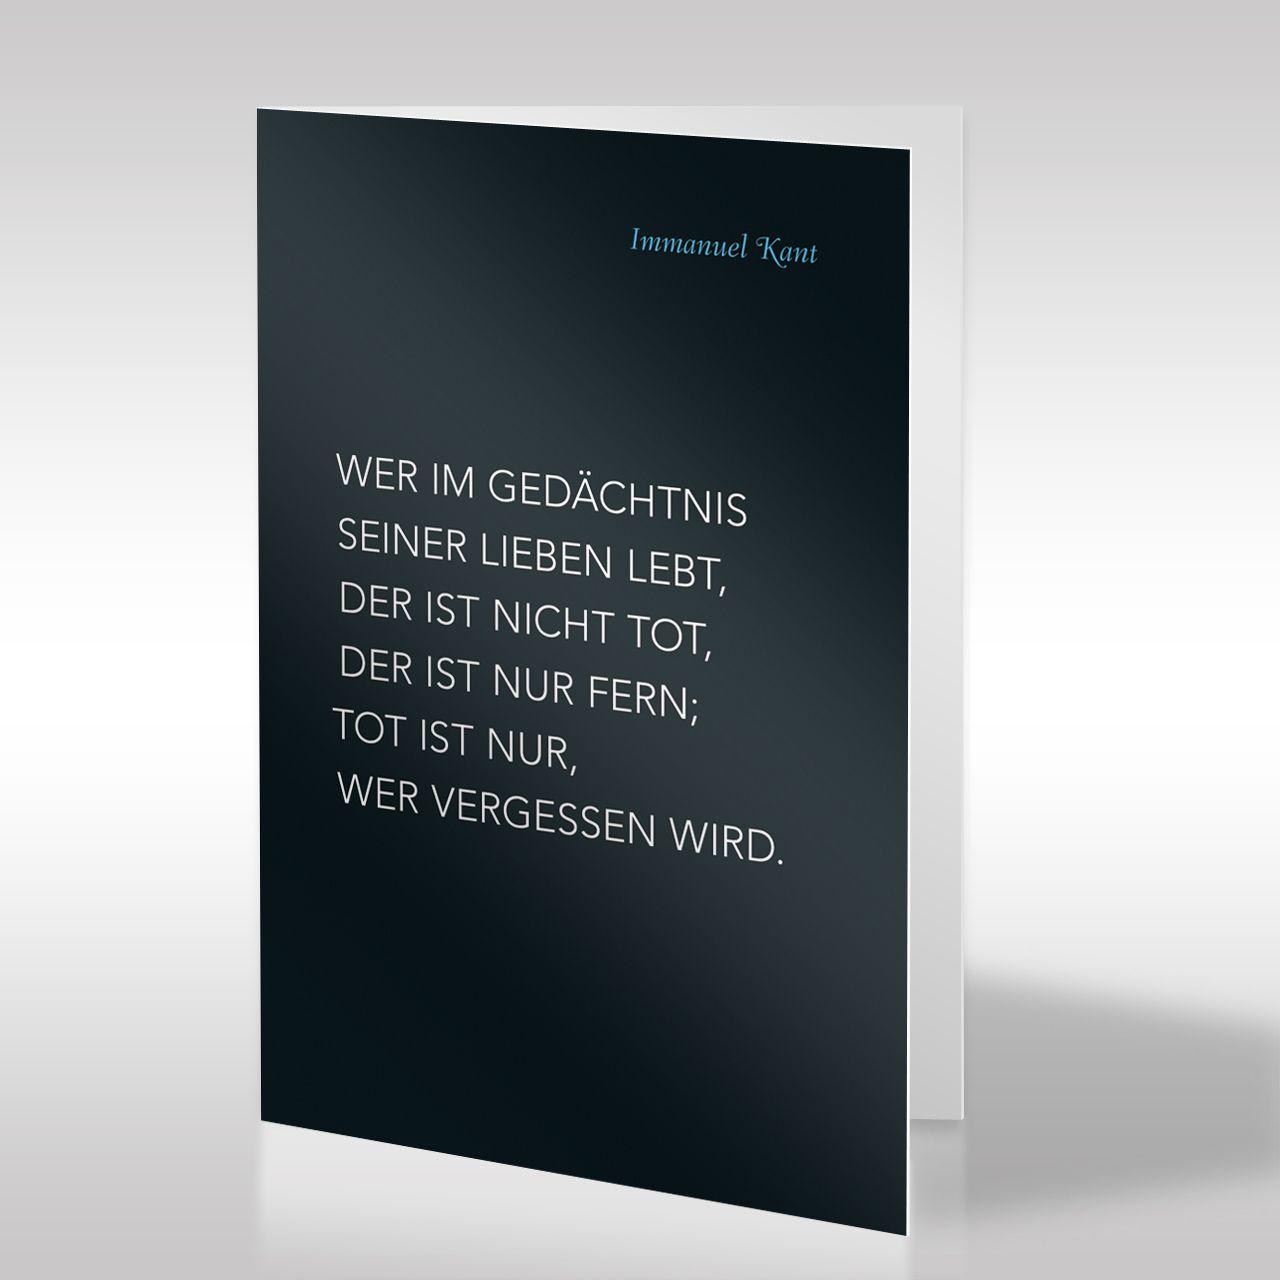 10 best images about trauersprüche/karten on pinterest | memory